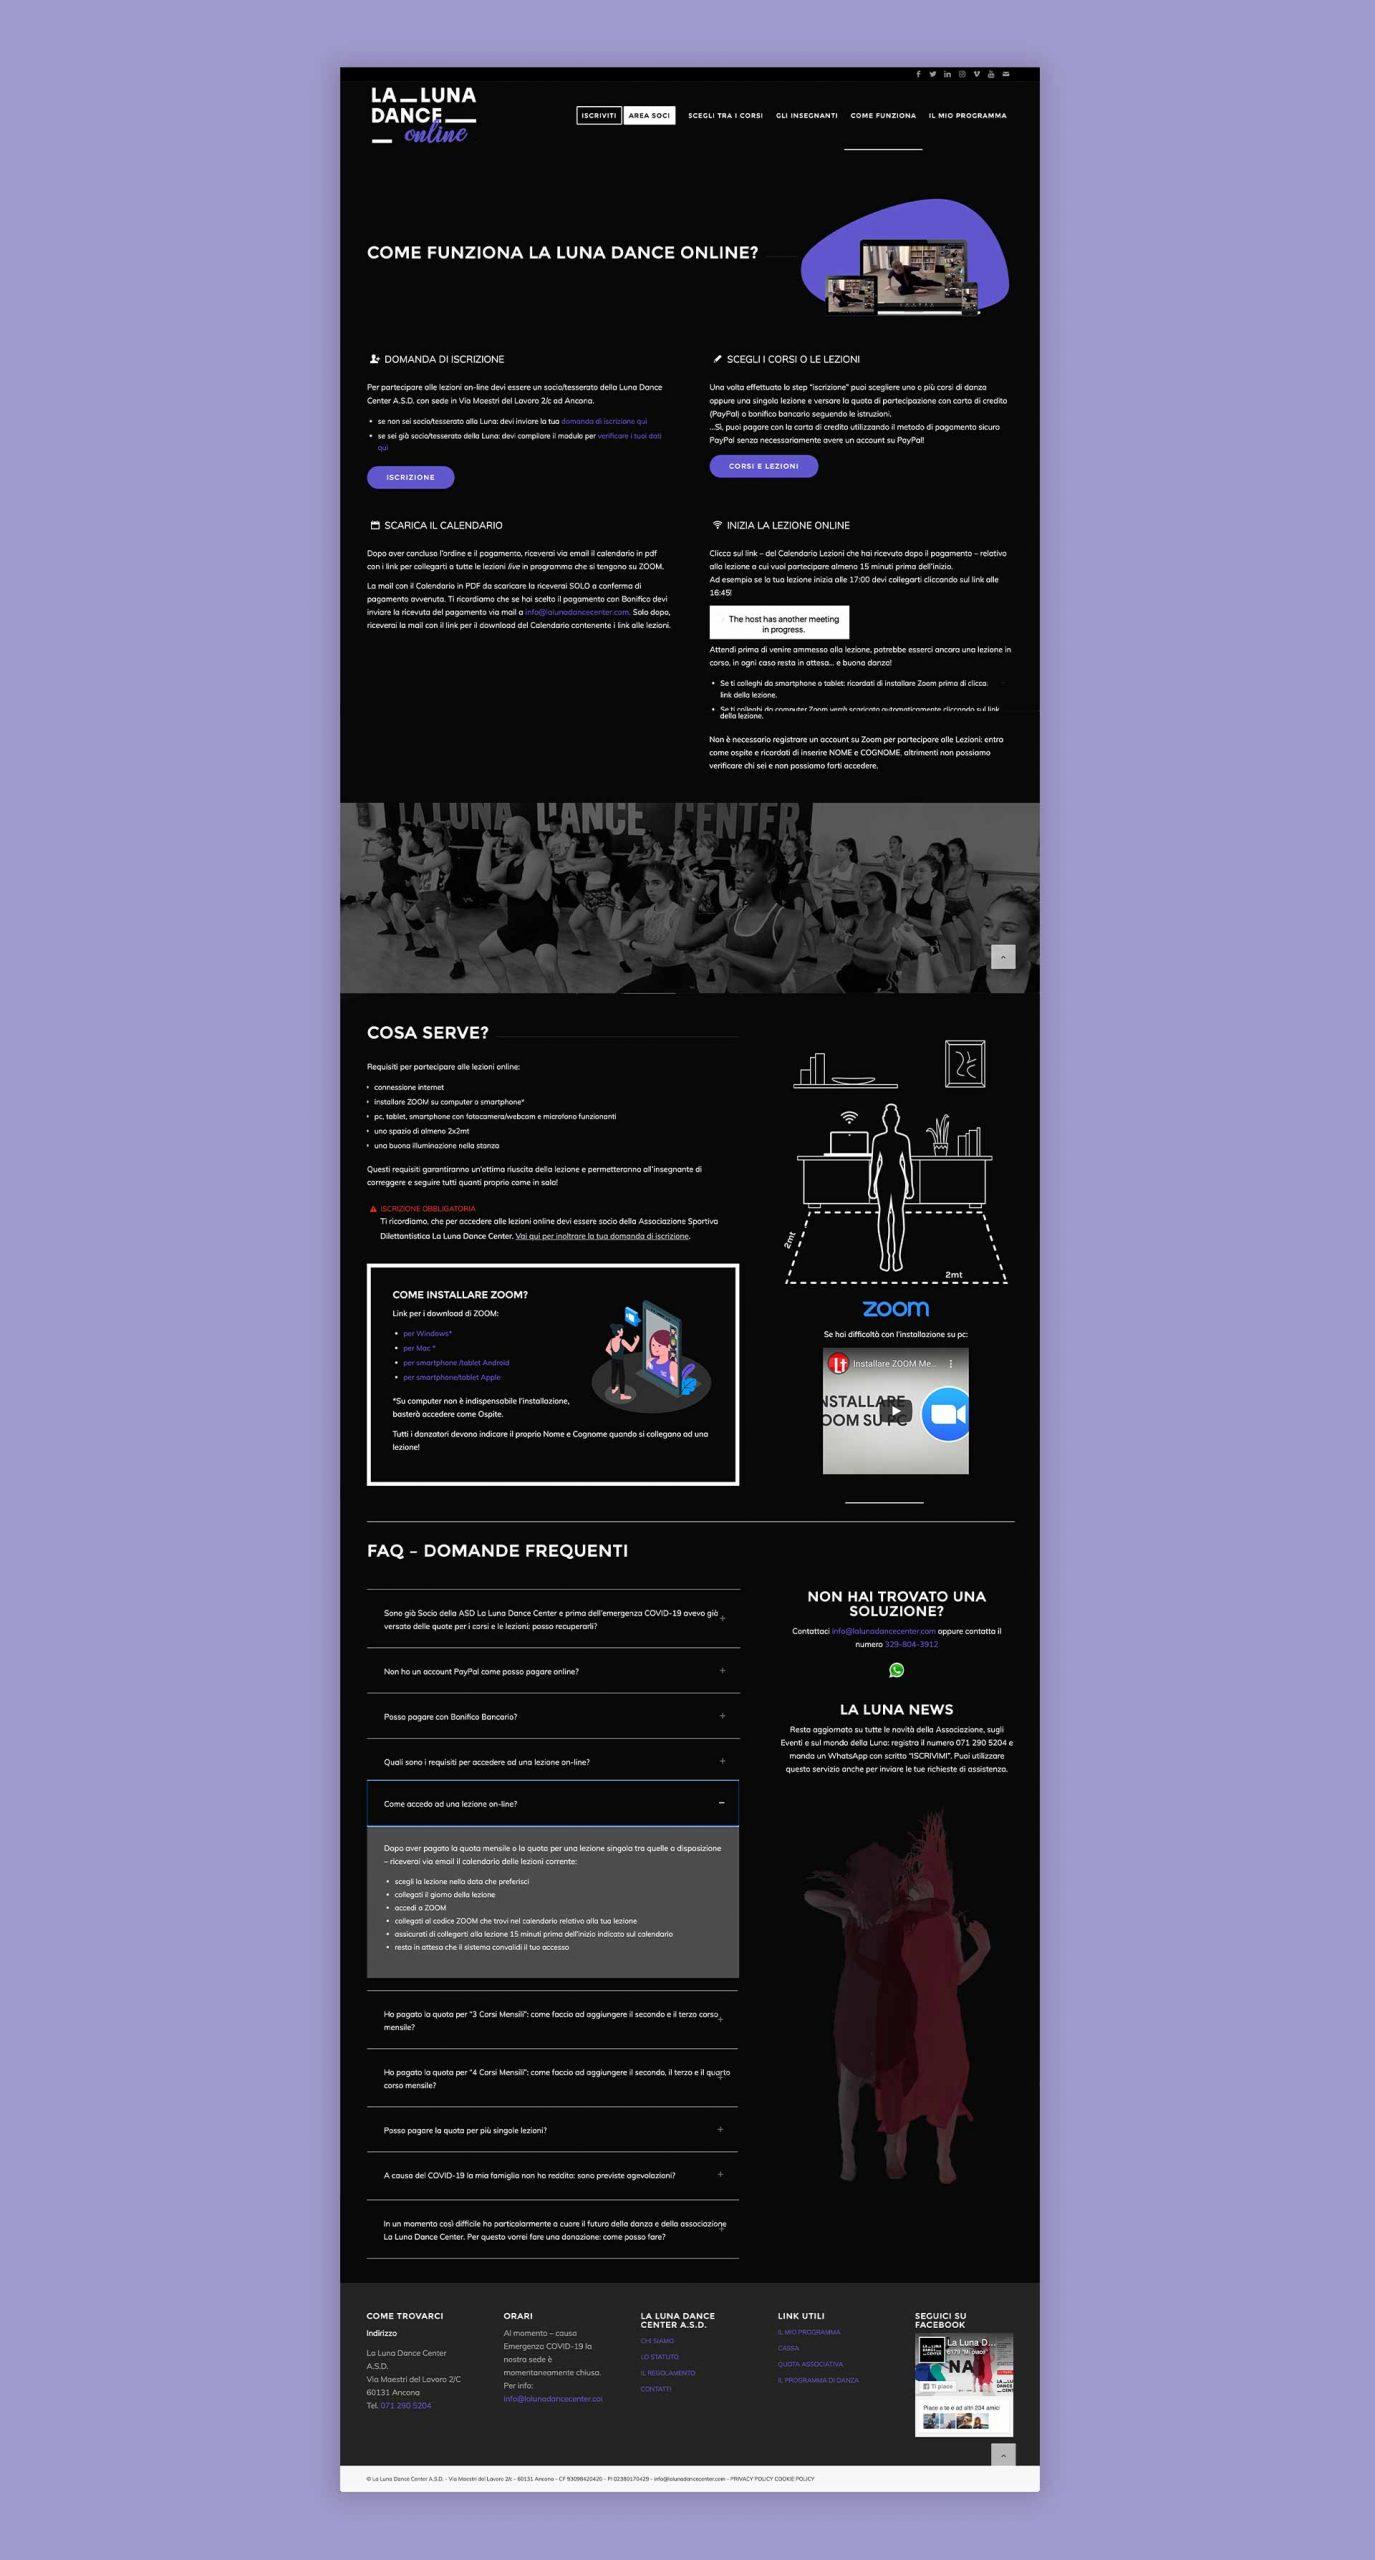 La Luna Dance Online – Website